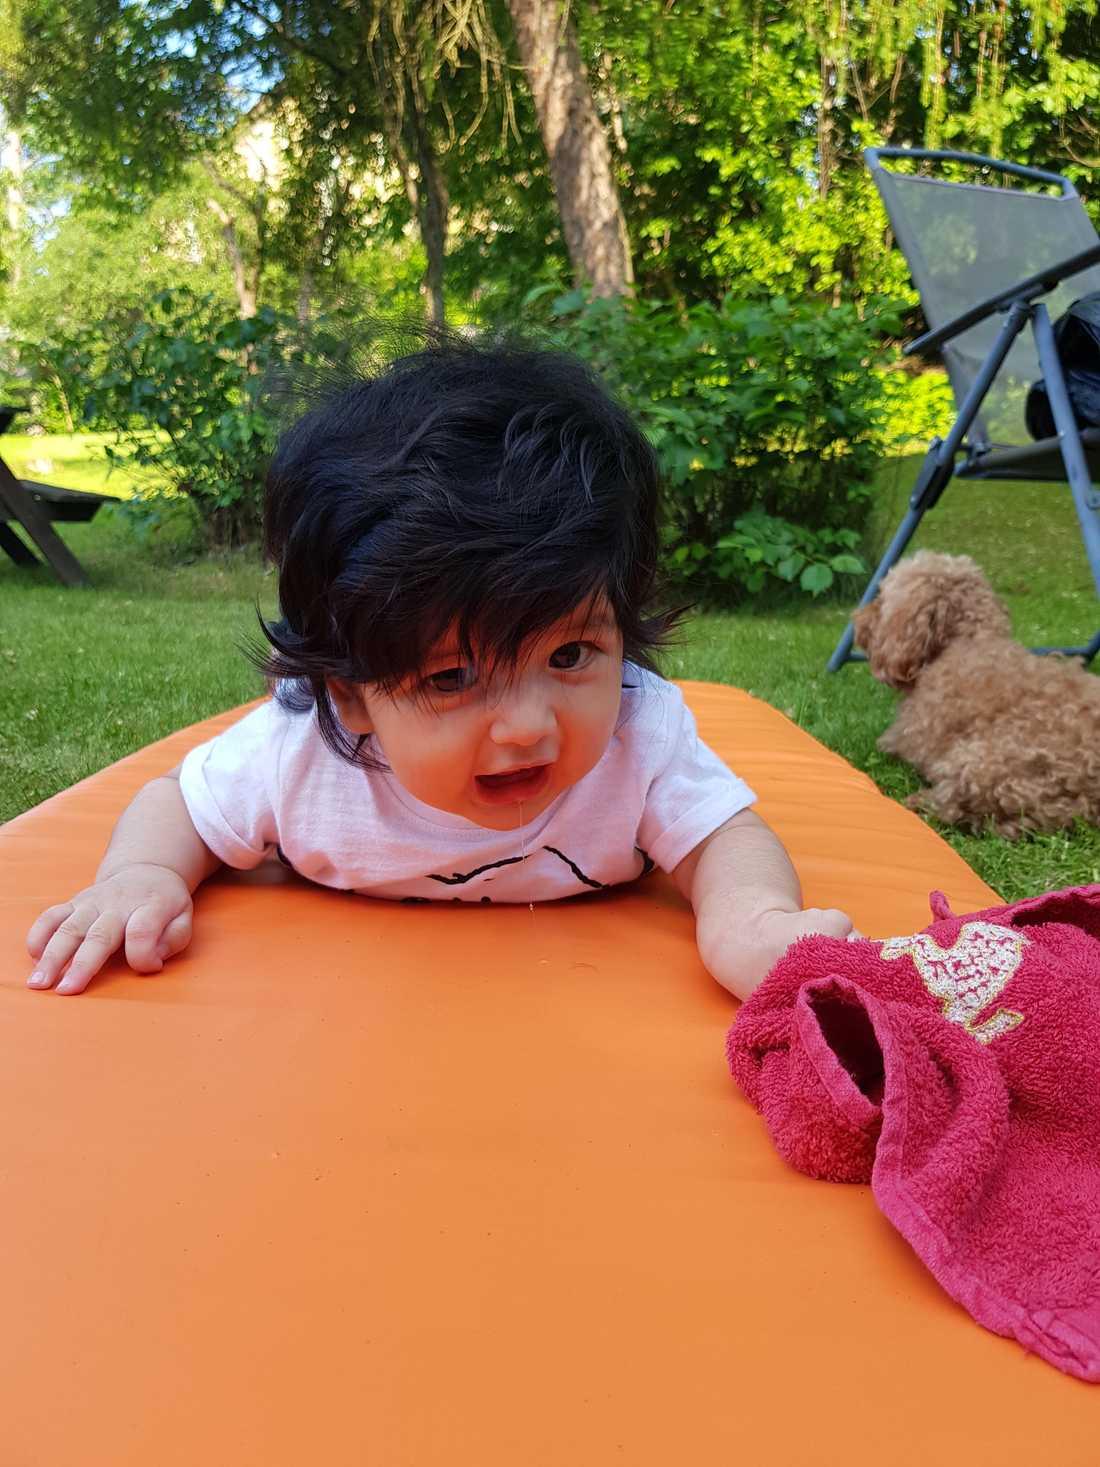 Även Liam, fyra månader, har en redig kalufs. Inskickad av Ricardo Avalos Timble från Karlstad.